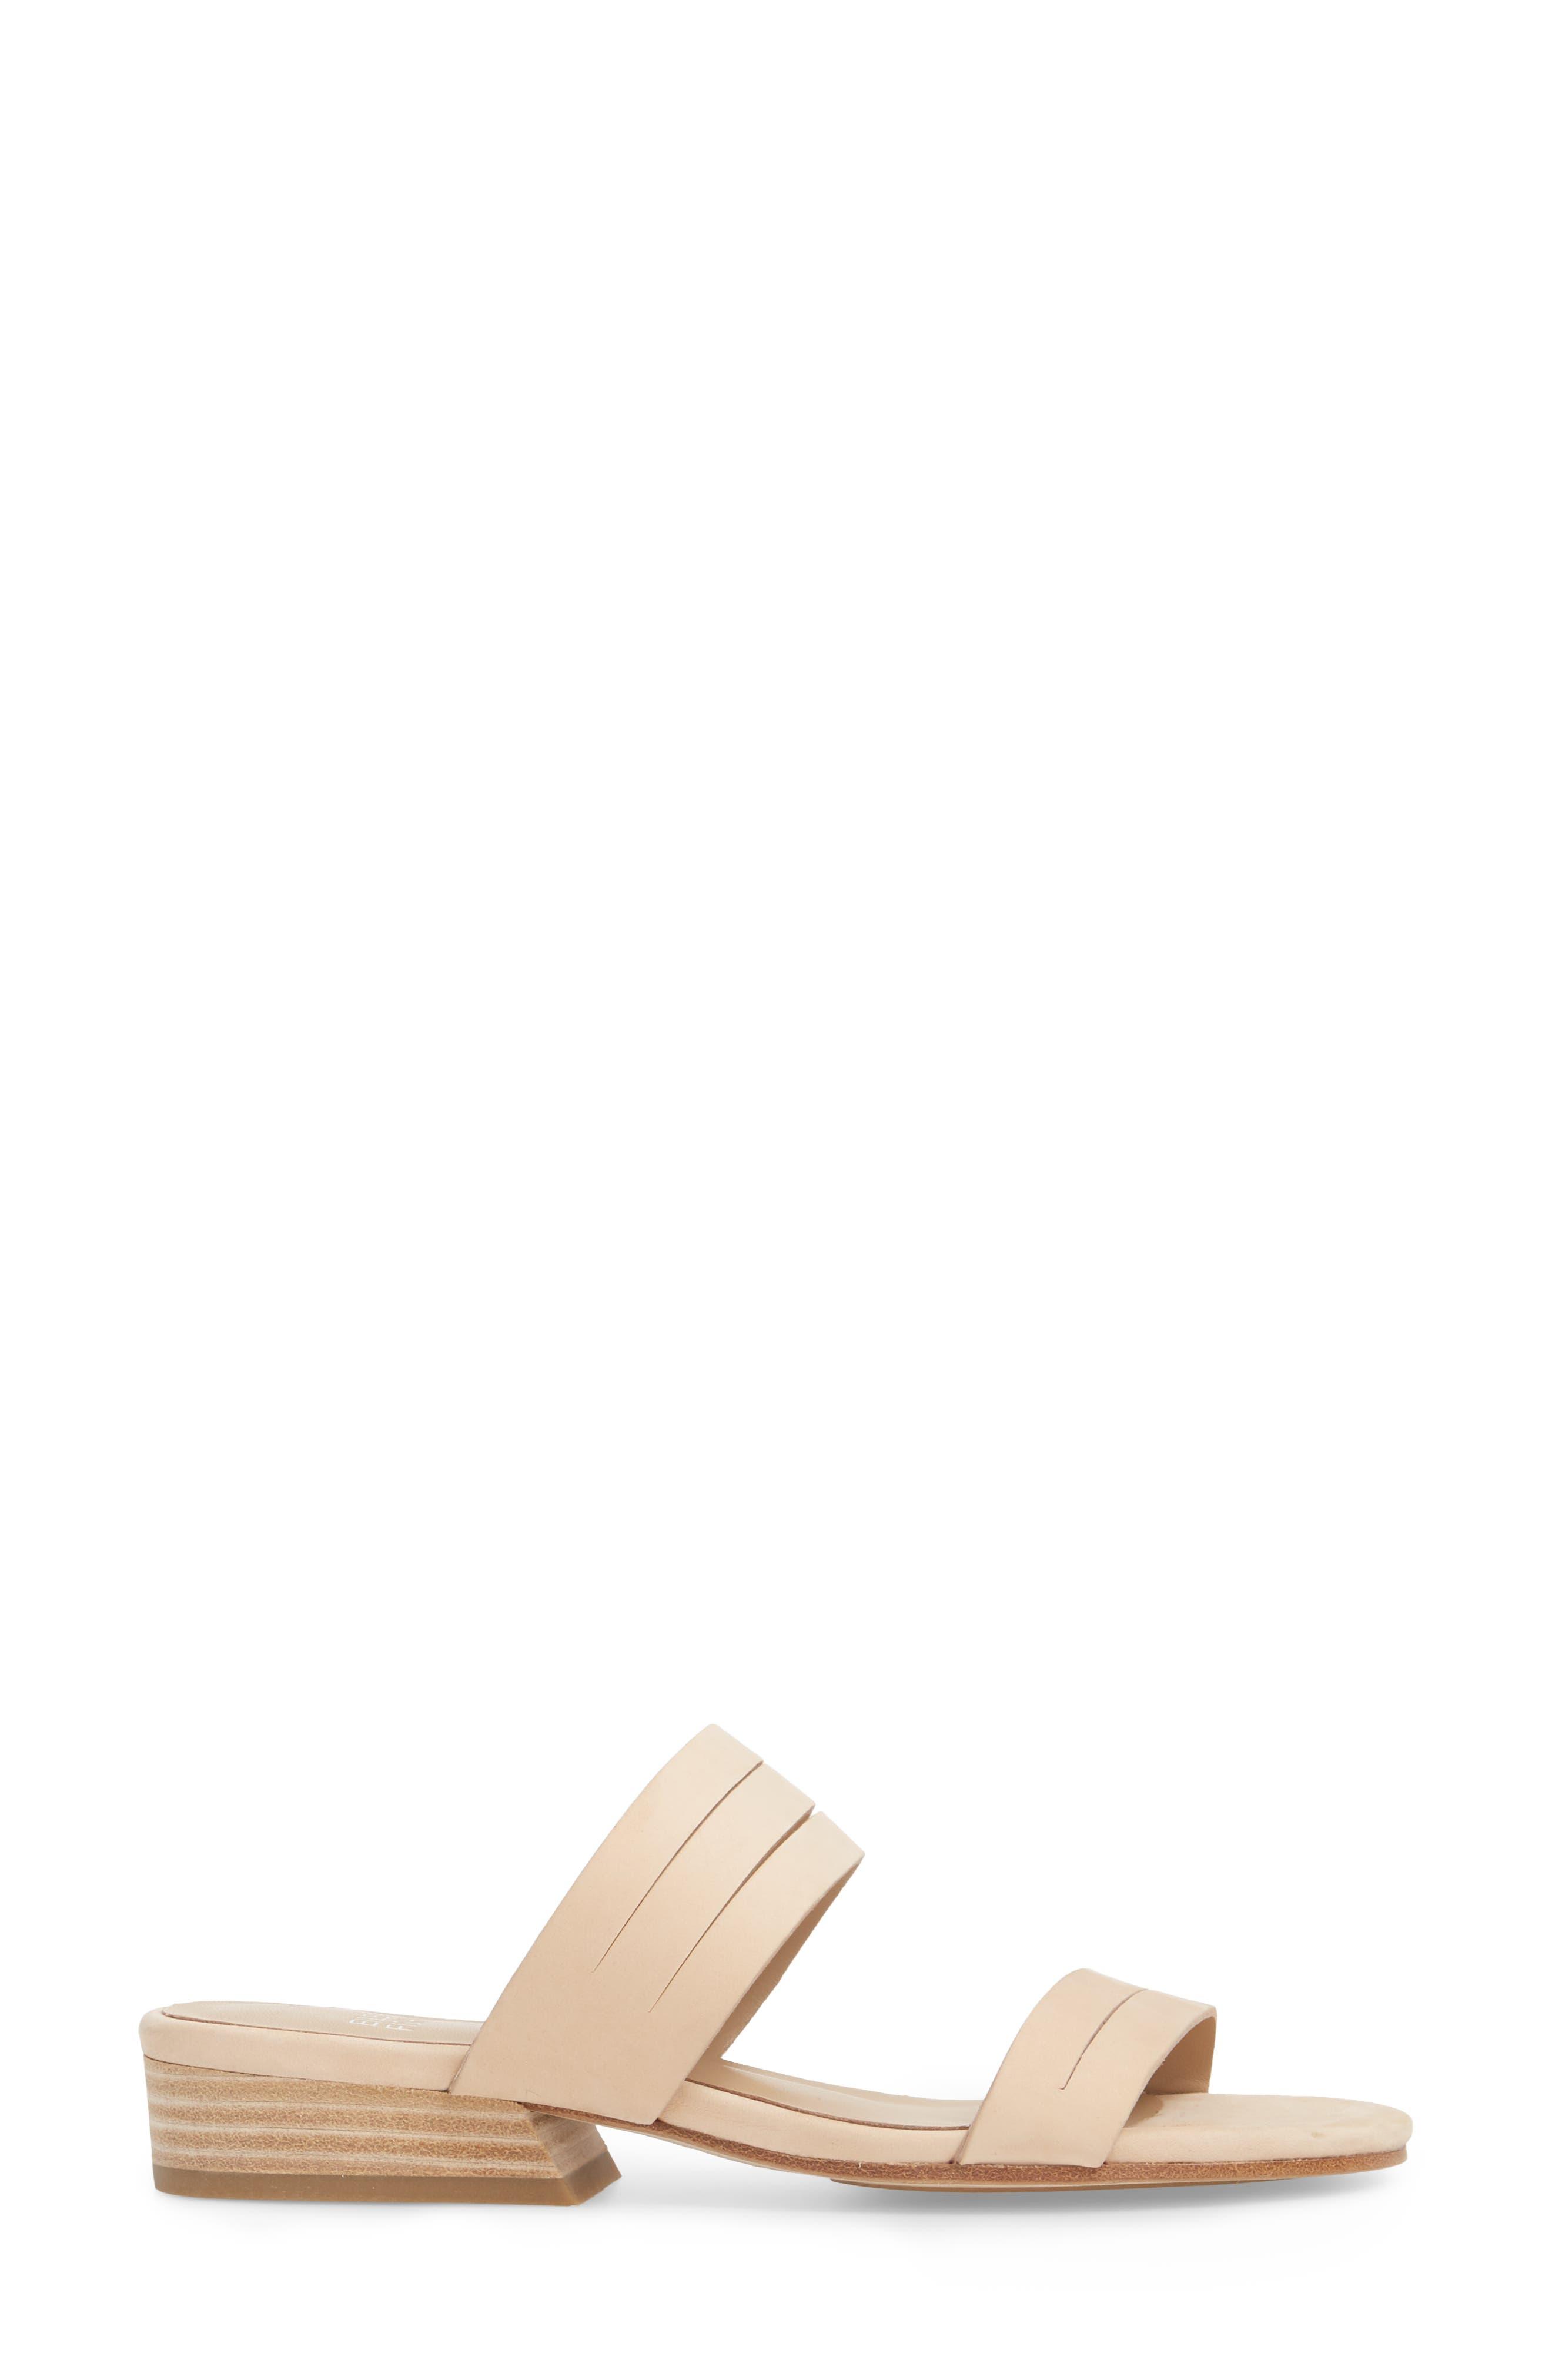 Finch Slide Sandal,                             Alternate thumbnail 3, color,                             Cream Nubuck